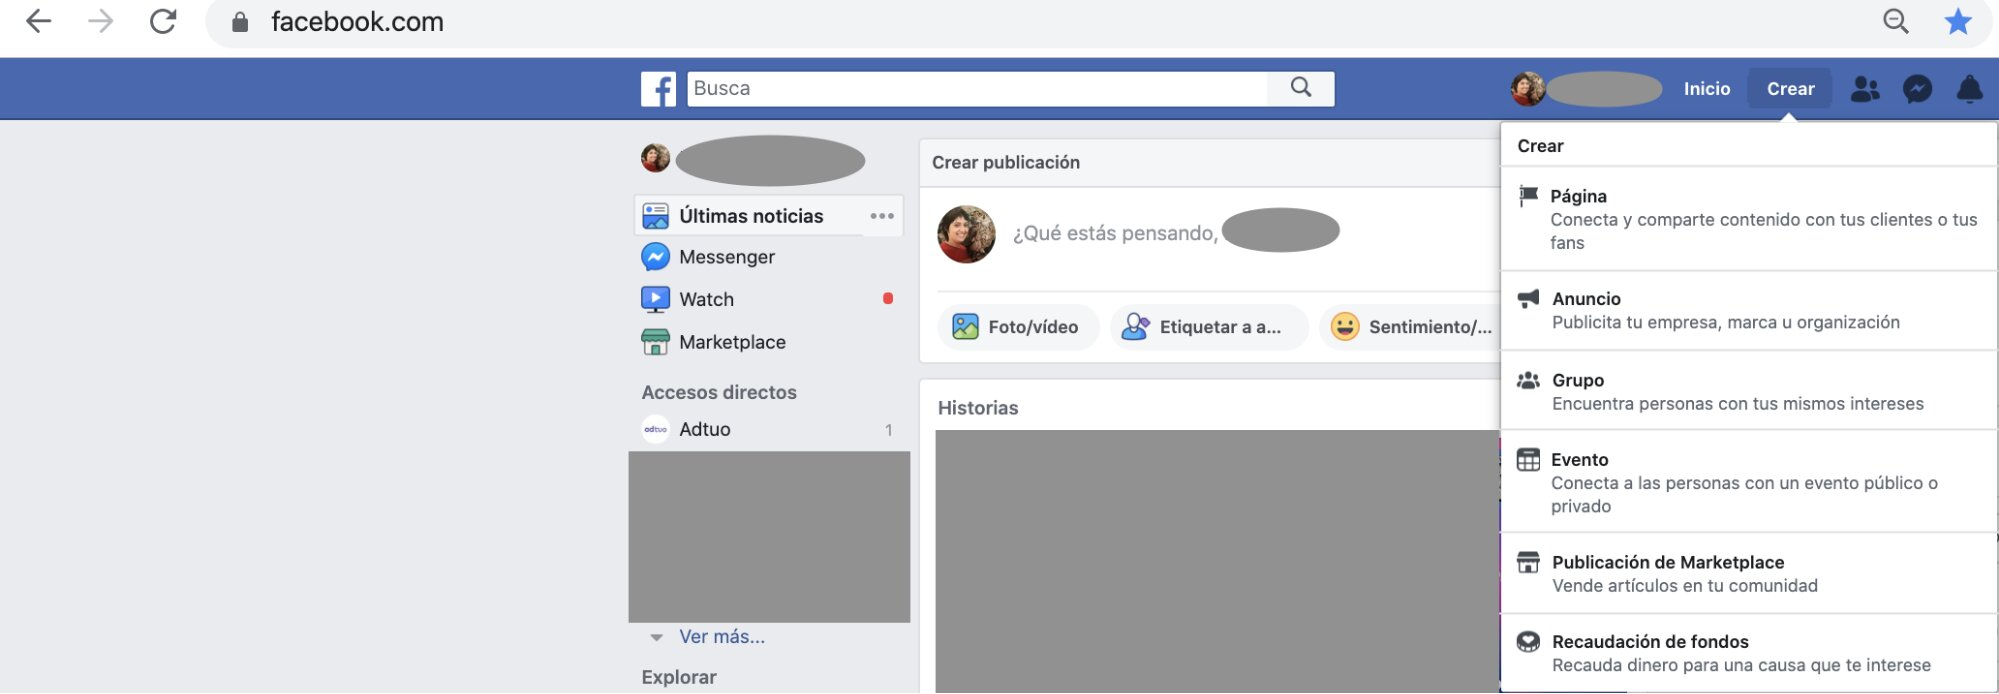 cómo crear una pagina en facebook- paso 1